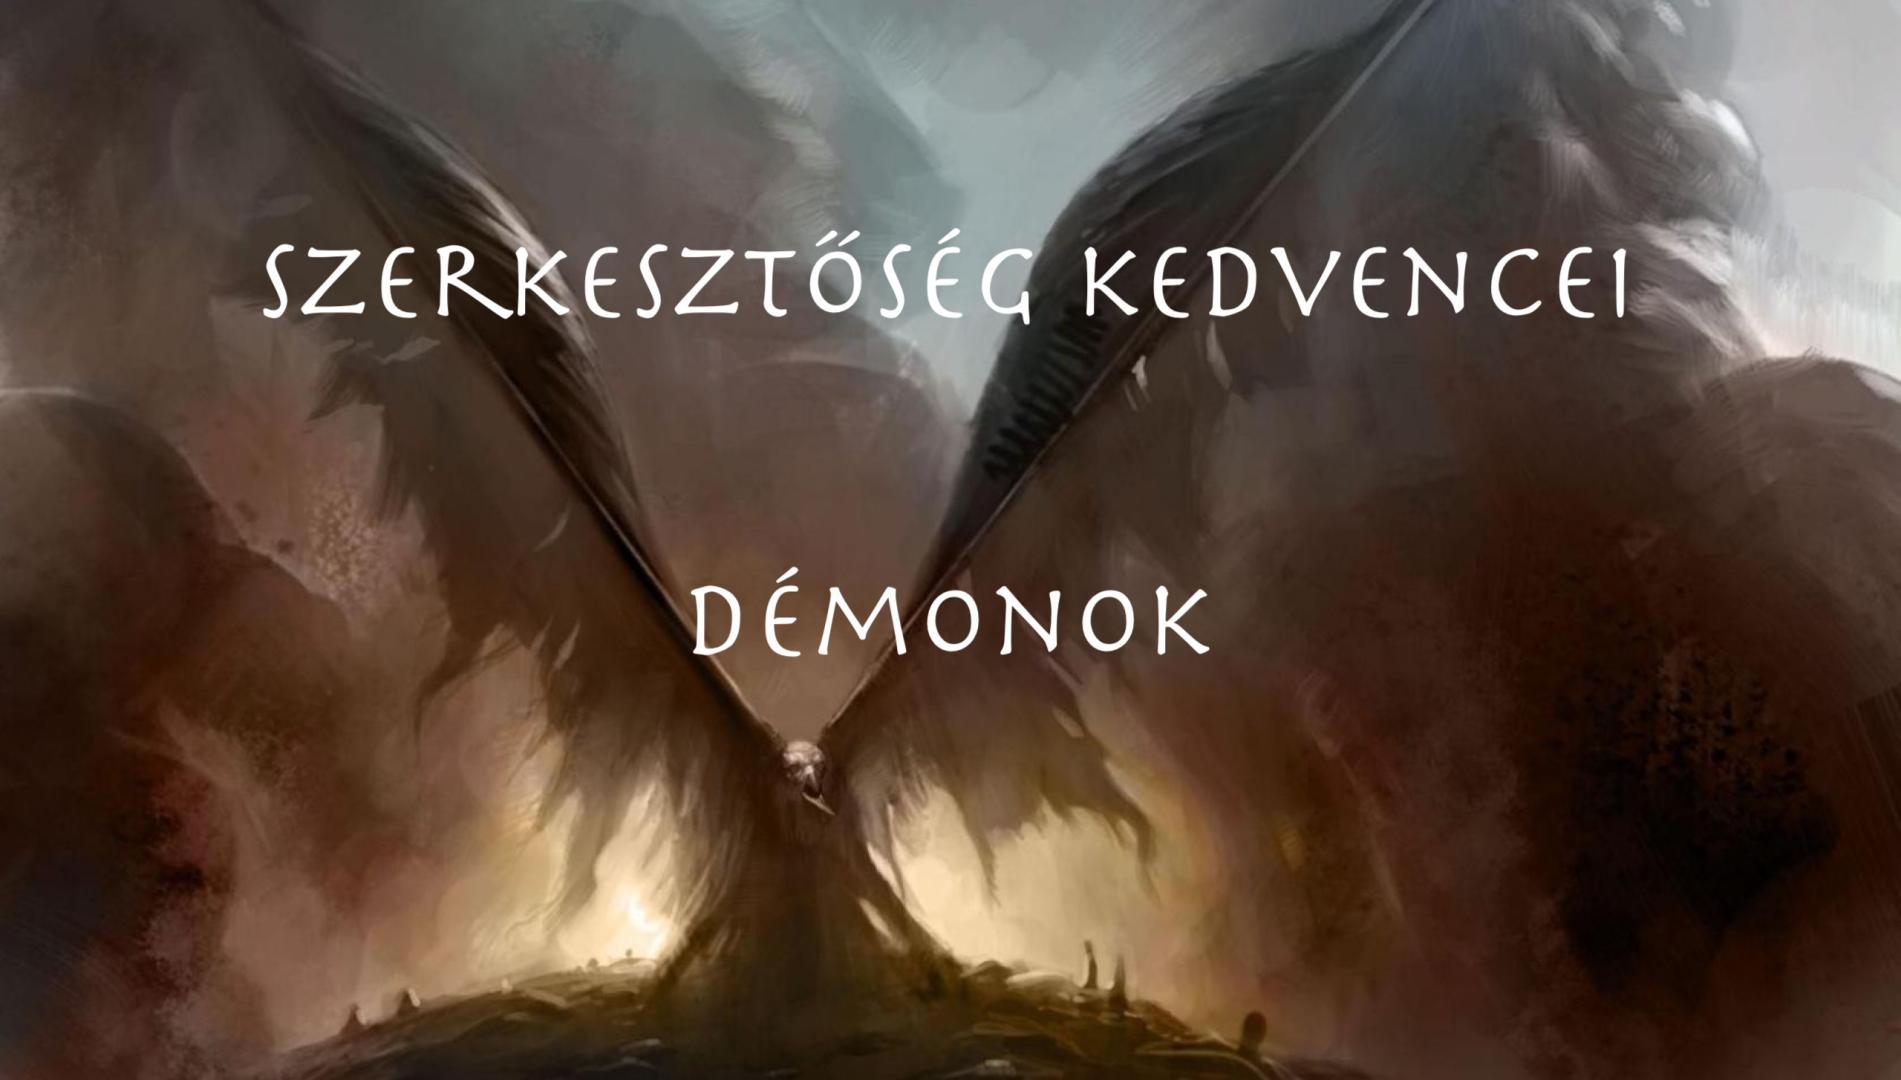 Szerkesztőség kedvencei: Démonok